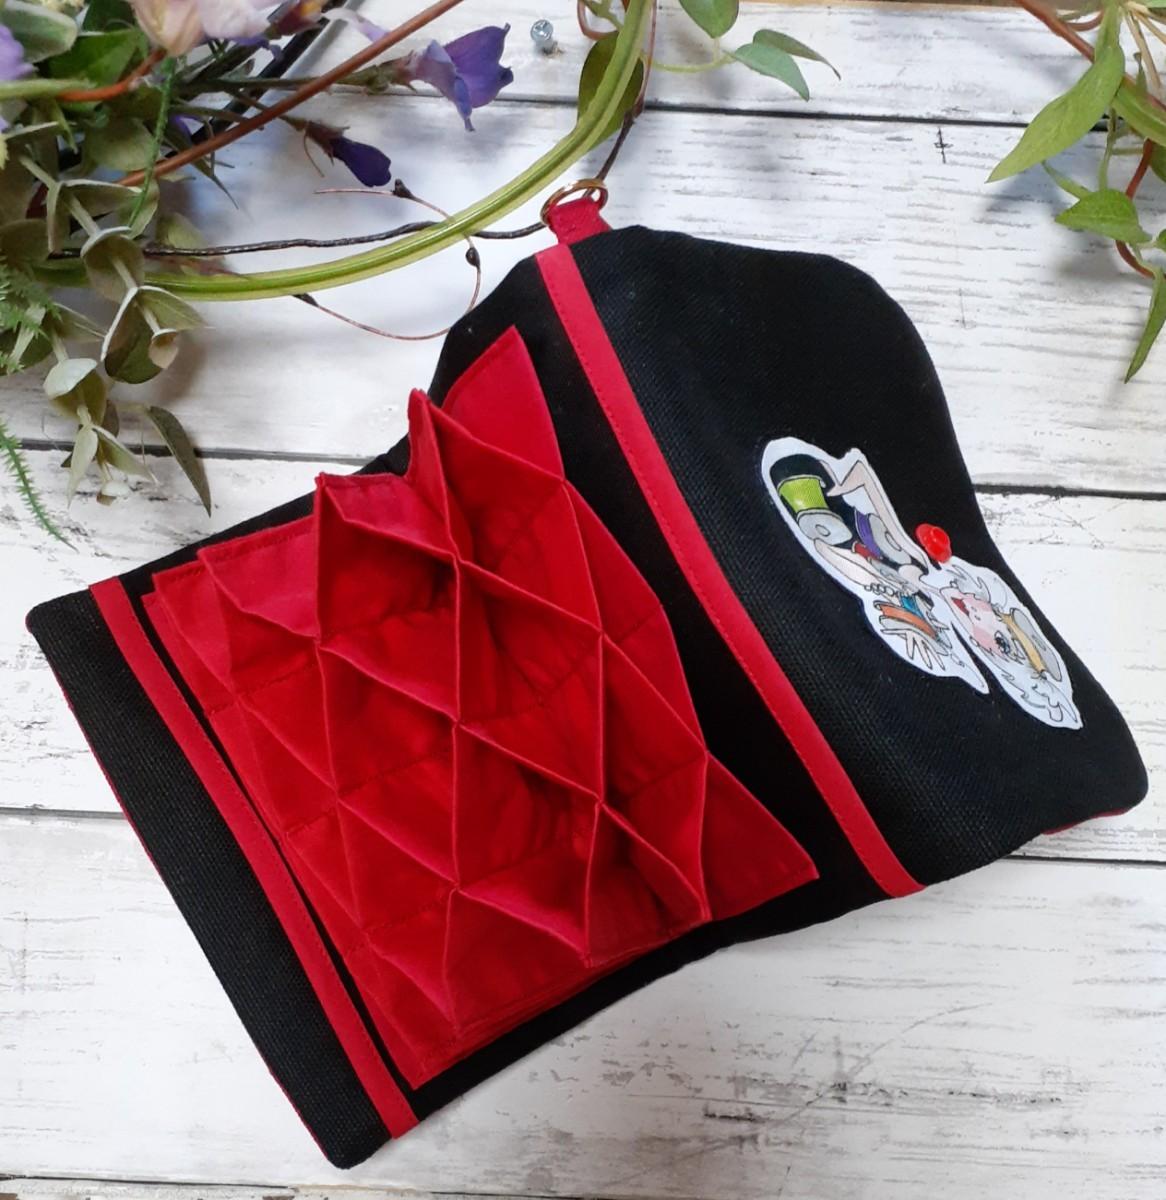 ロラライハリスのジャバラカードケース7/赤 リバティ ステラルー ラミネート マチ ハンドメイド 移動ポケット ダッフィ